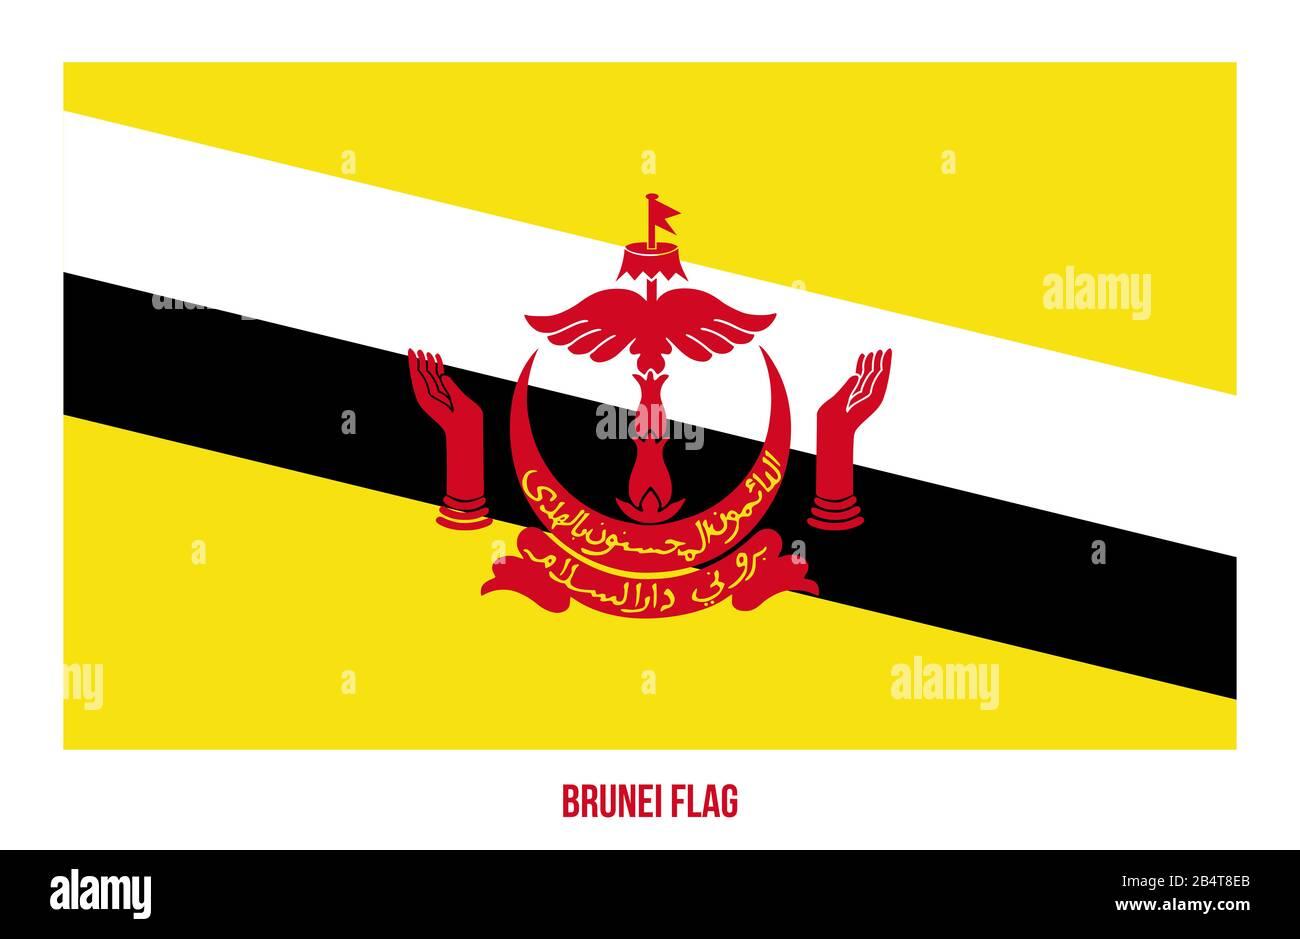 Brunei Bandera Vectorial Ilustración Sobre Fondo Blanco. Bandera Nacional De Brunei. Foto de stock